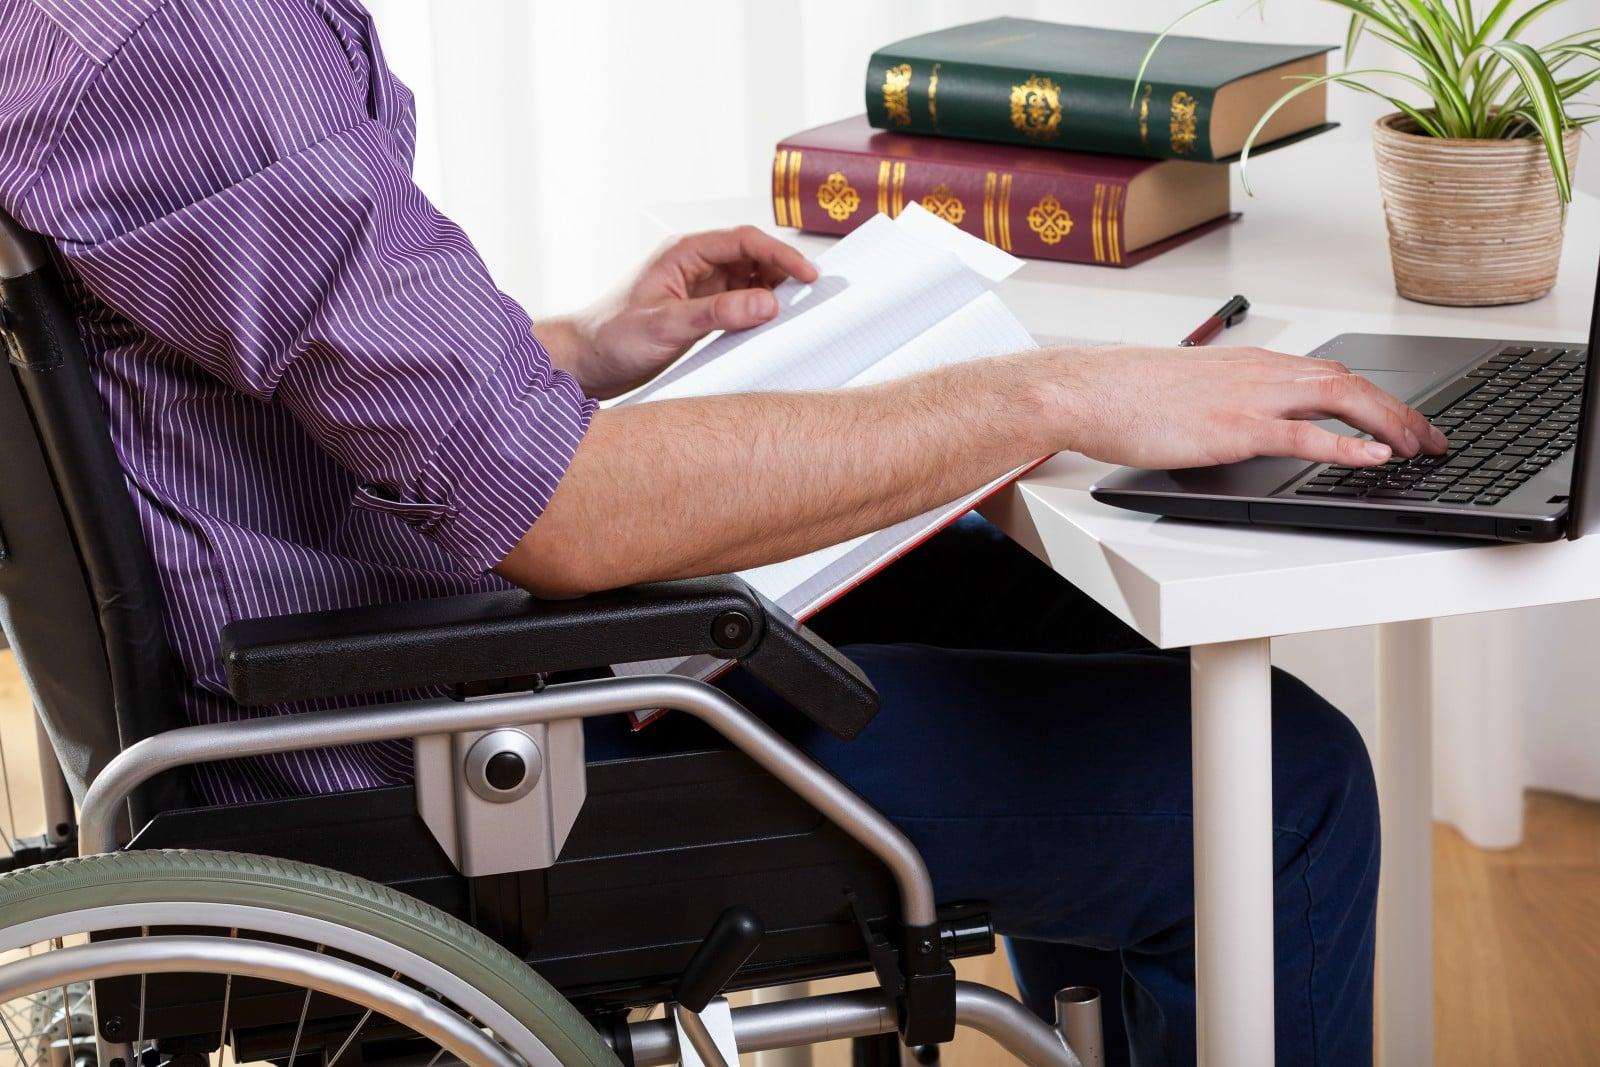 Удаленная работа на дому для инвалидов фрилансер скачать бесплатно без регистрации